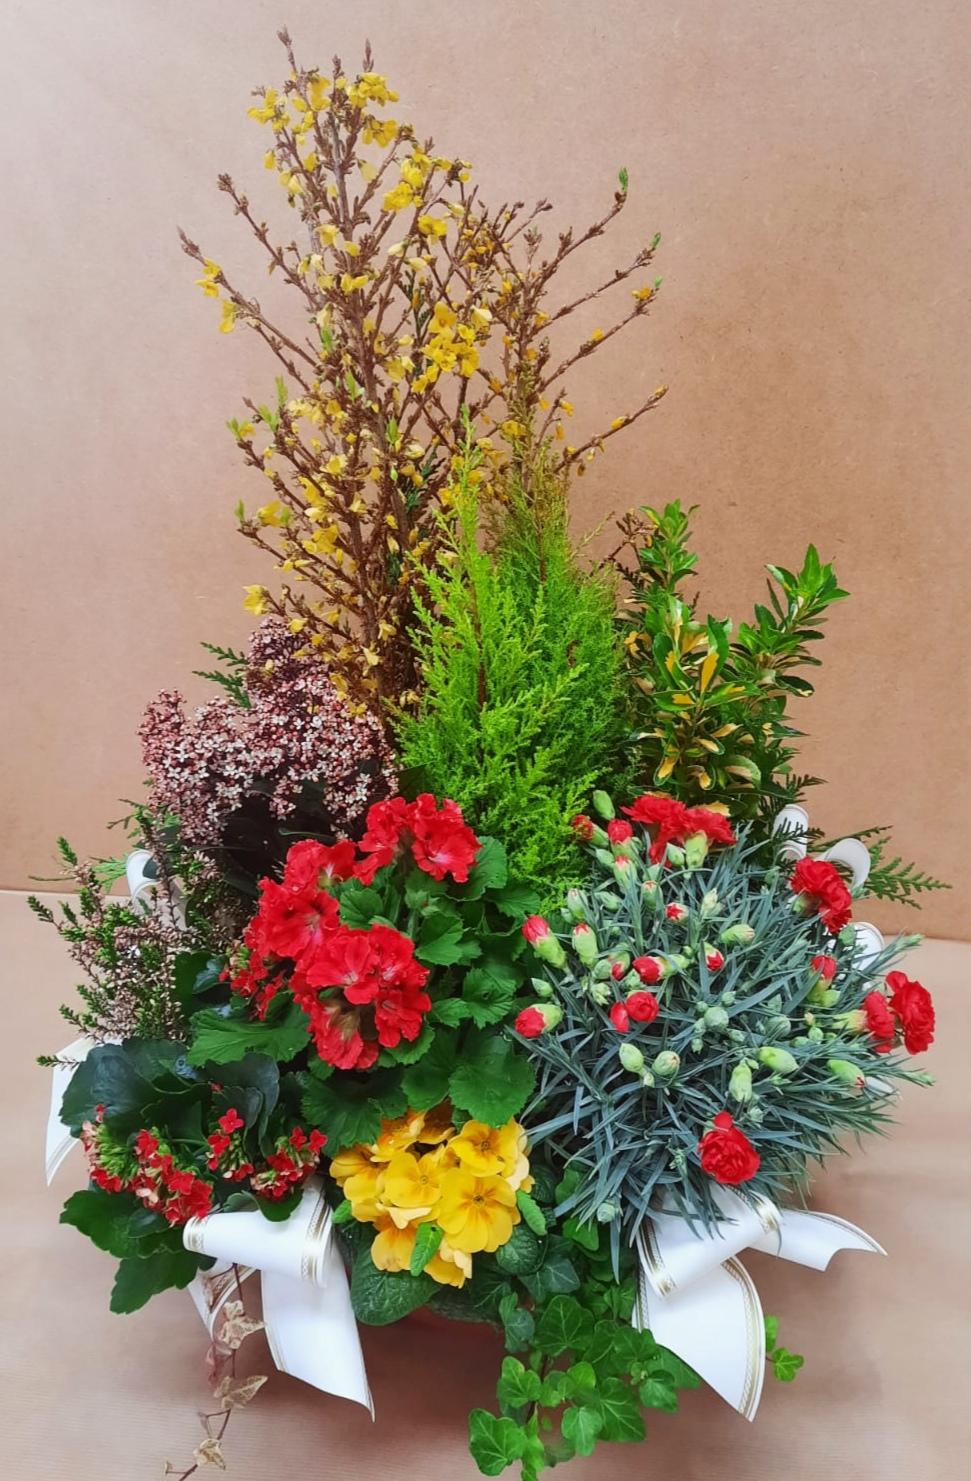 Composition de plantes fleuries tons jaunes et rouges assorties de Conifère panachés